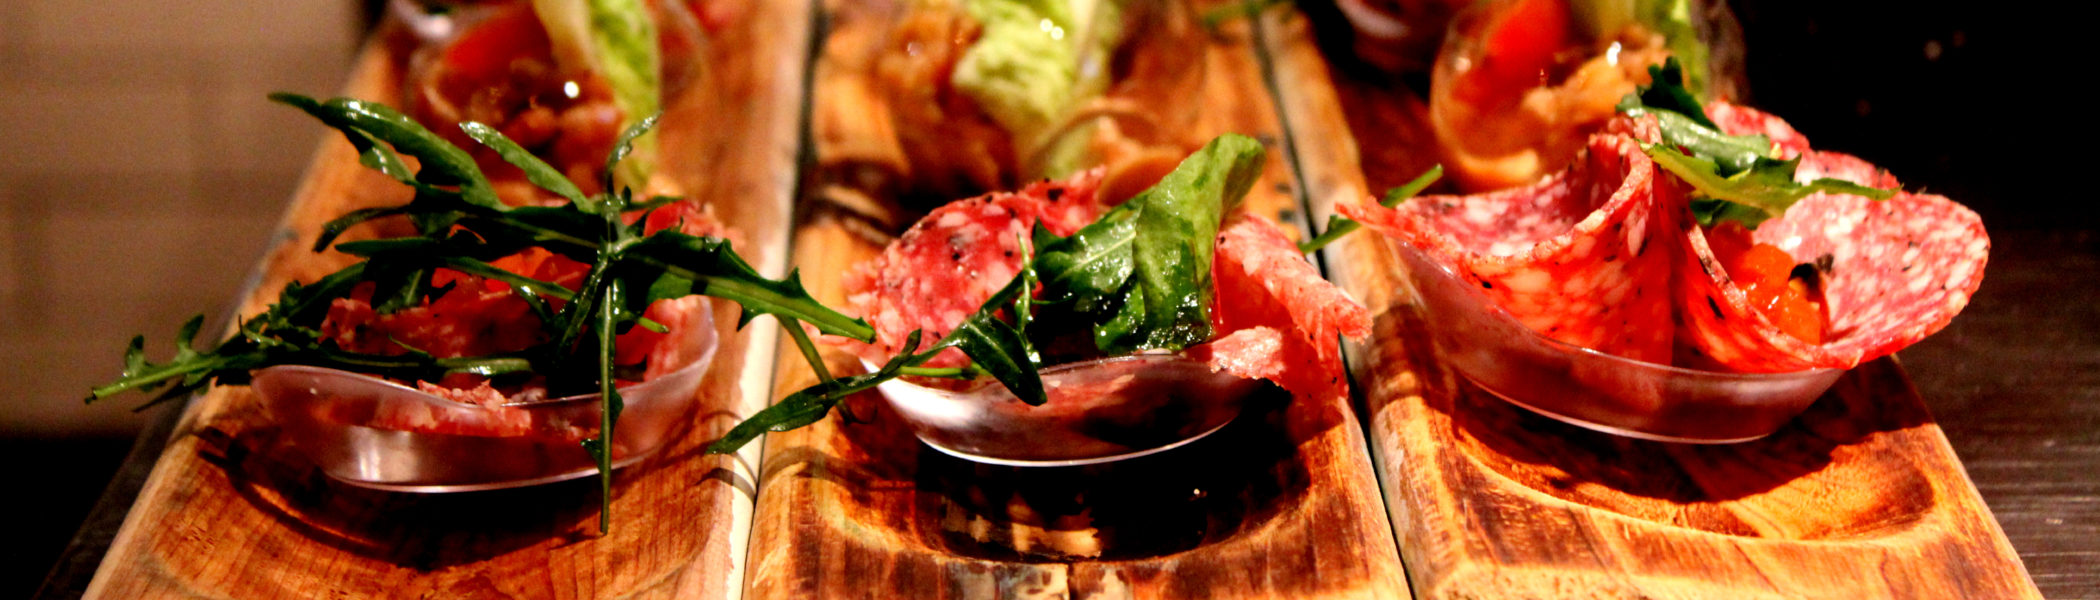 restaurant-zaandam-manzo-bar-bistro-menu-voorgerecht-wood